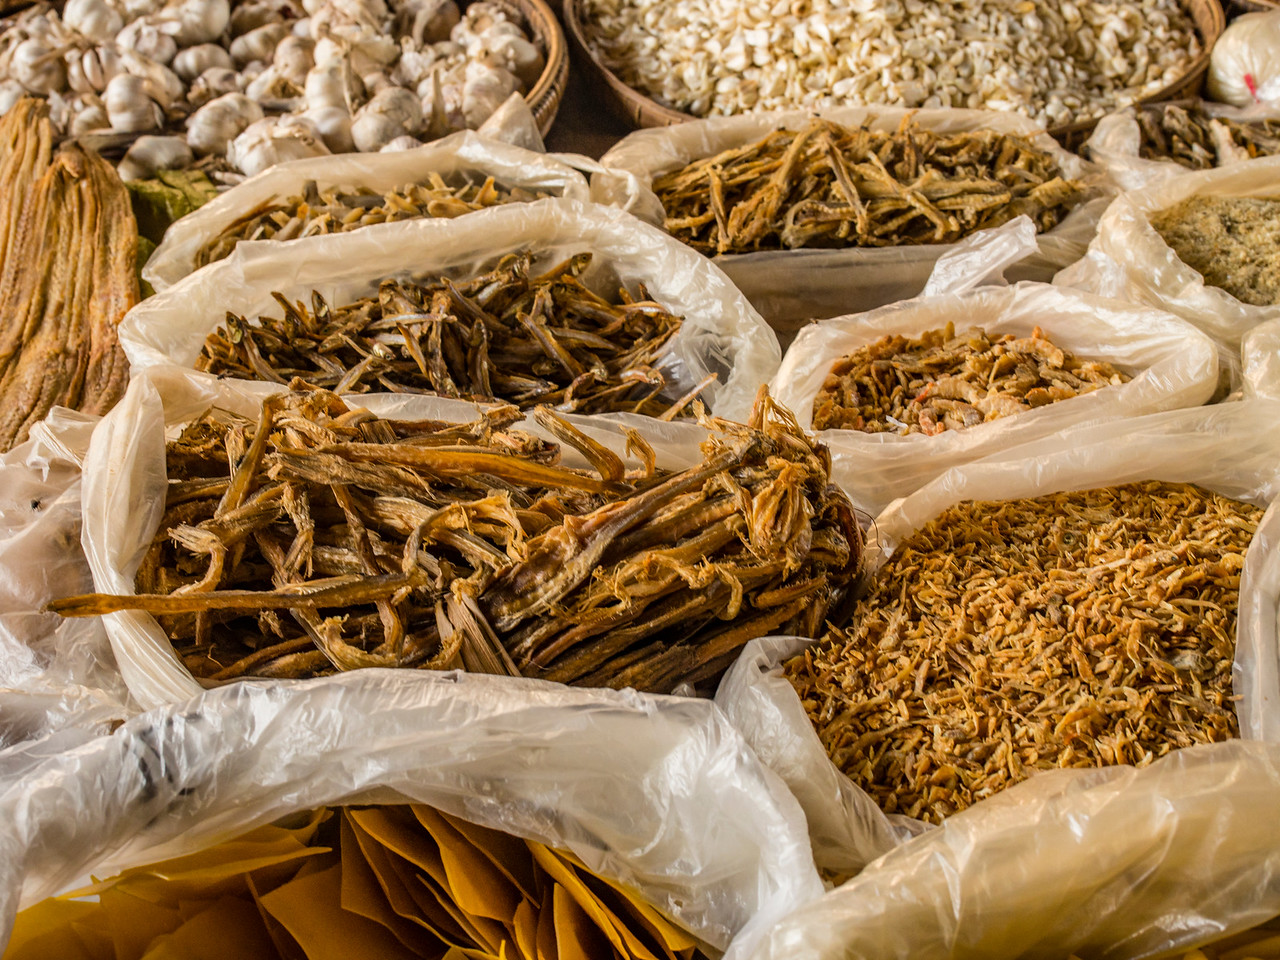 Kani morning market, Chindwin River, Myanmar